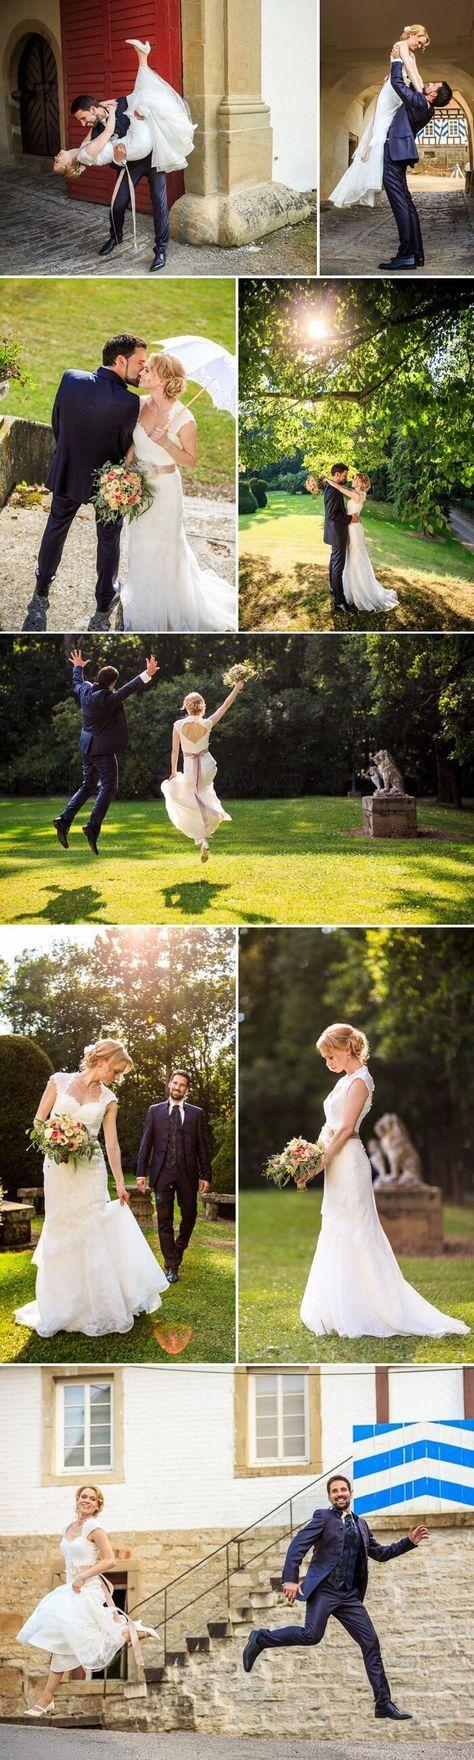 Im Schlosspark entstanden beim Brautpaarshooting viele romantische Bilder mit zum Teil wunderbar kreativen Posen. Dabei bot der Schlosspark eine traumhafte Kulisse! I © Matt Stark